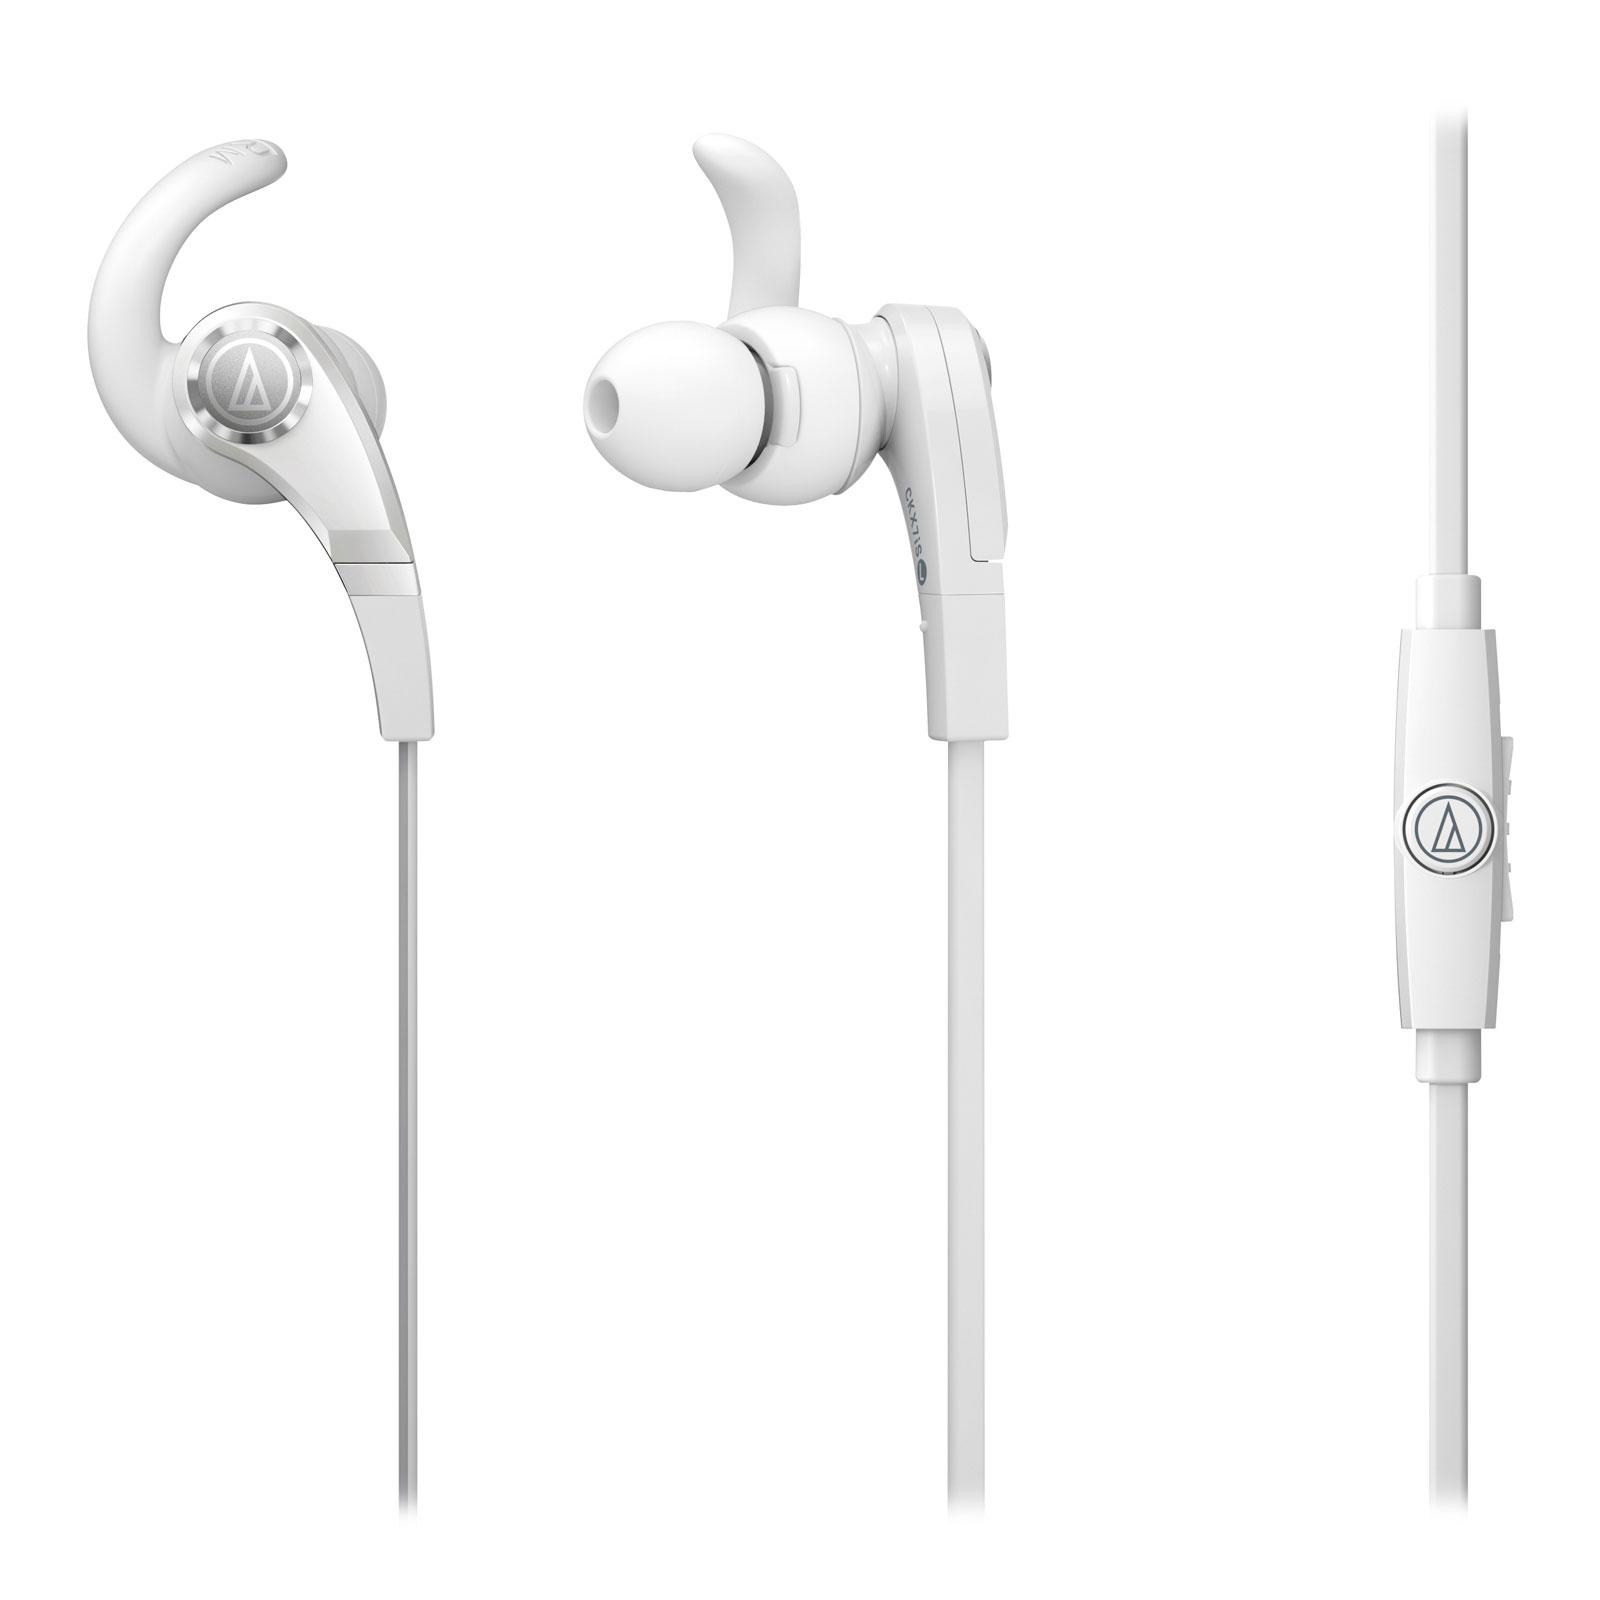 Casque Audio-Technica ATH-CKX7IS Blanc  Écouteurs intra-auriculaires avec télécommande et micro